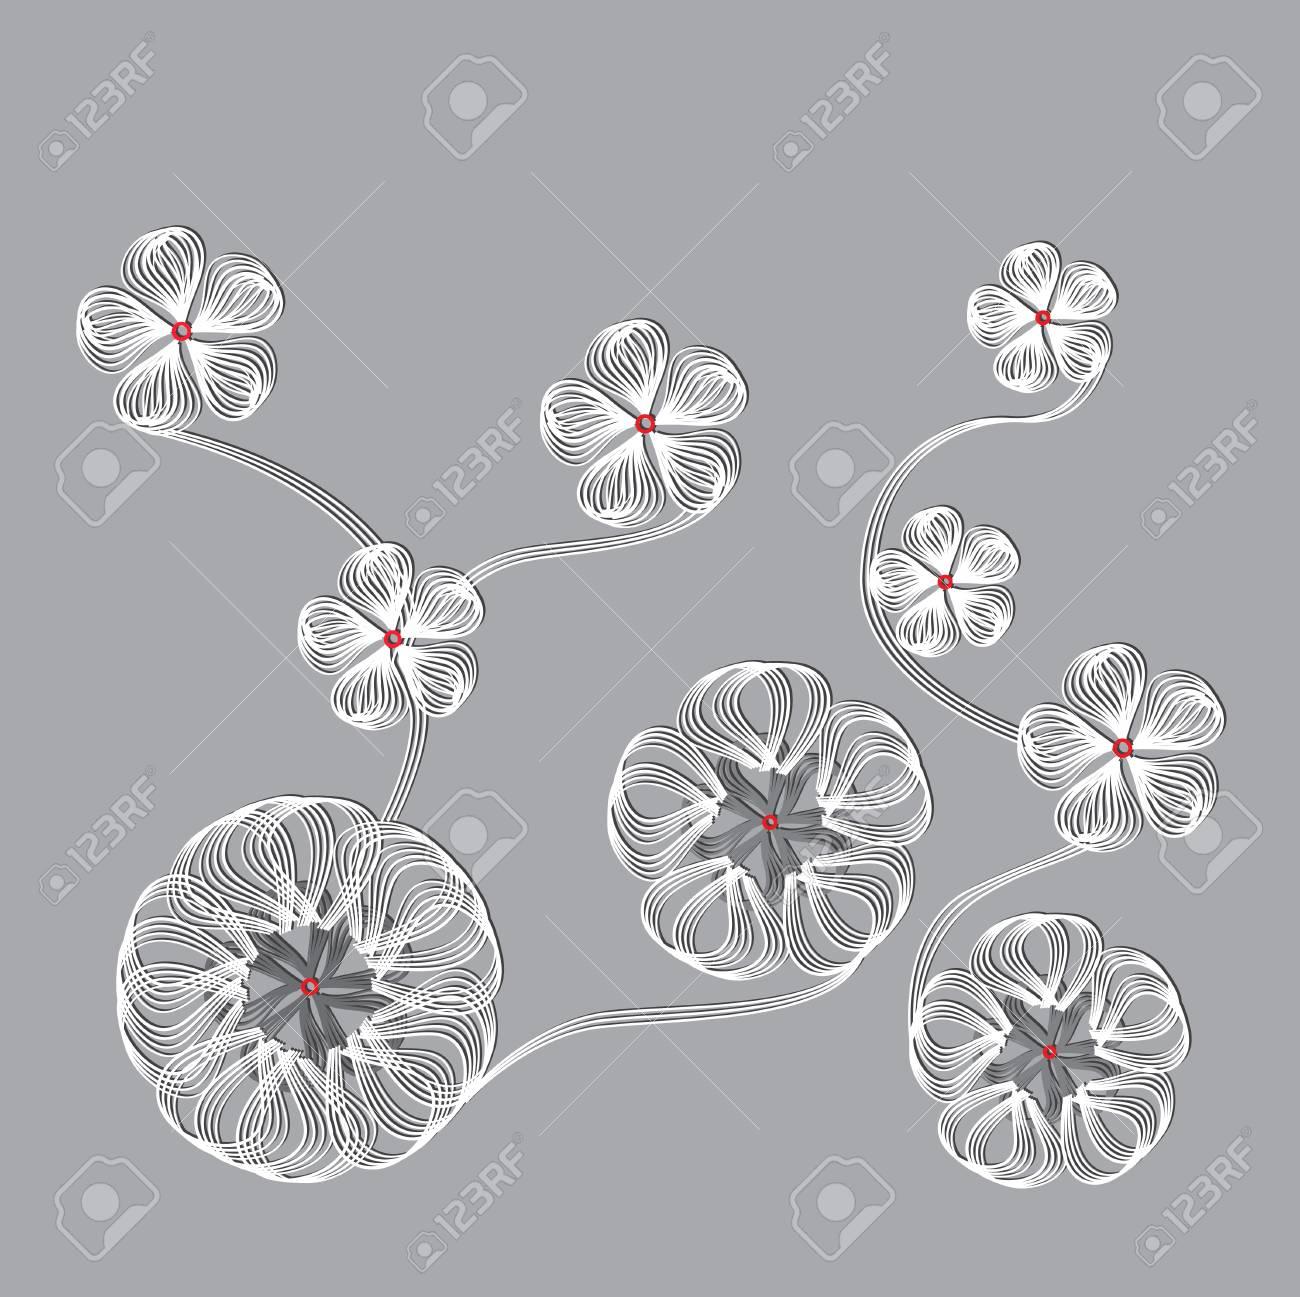 Composition De Géométrie. Fleur De Symétrie De La Ligne. dedans Symétrie En Ligne